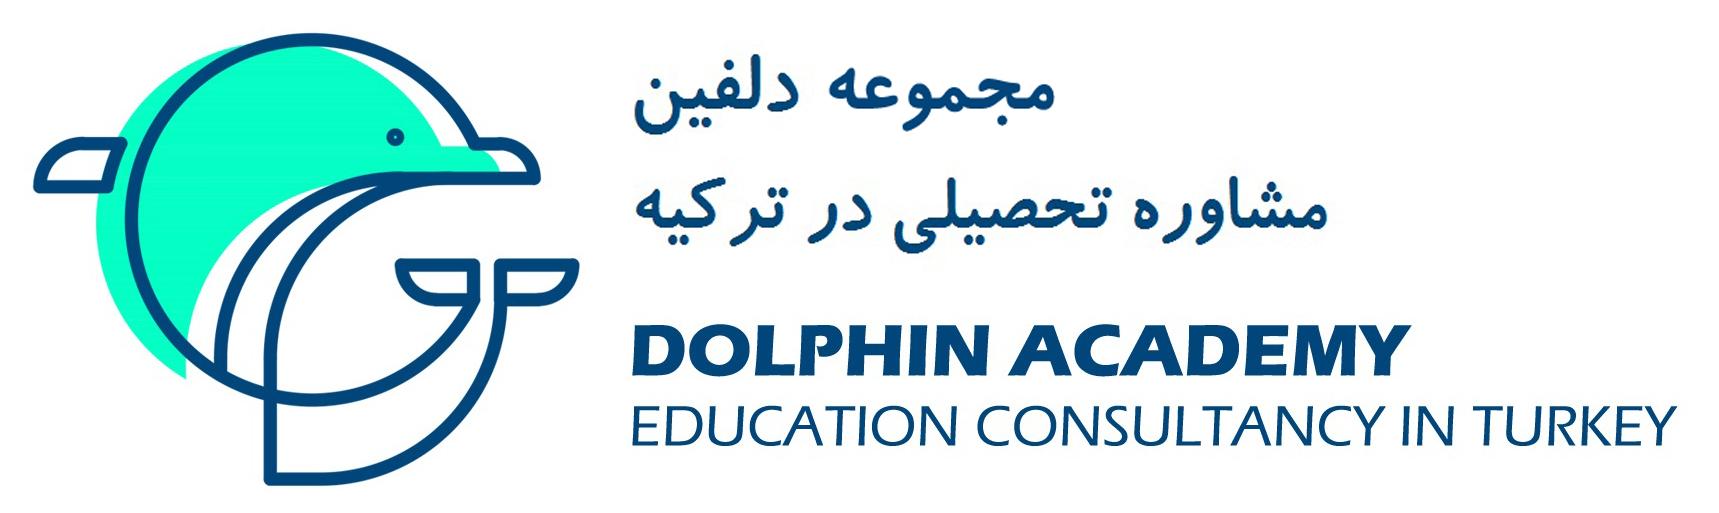 مجموعه تحصیلی دلفین